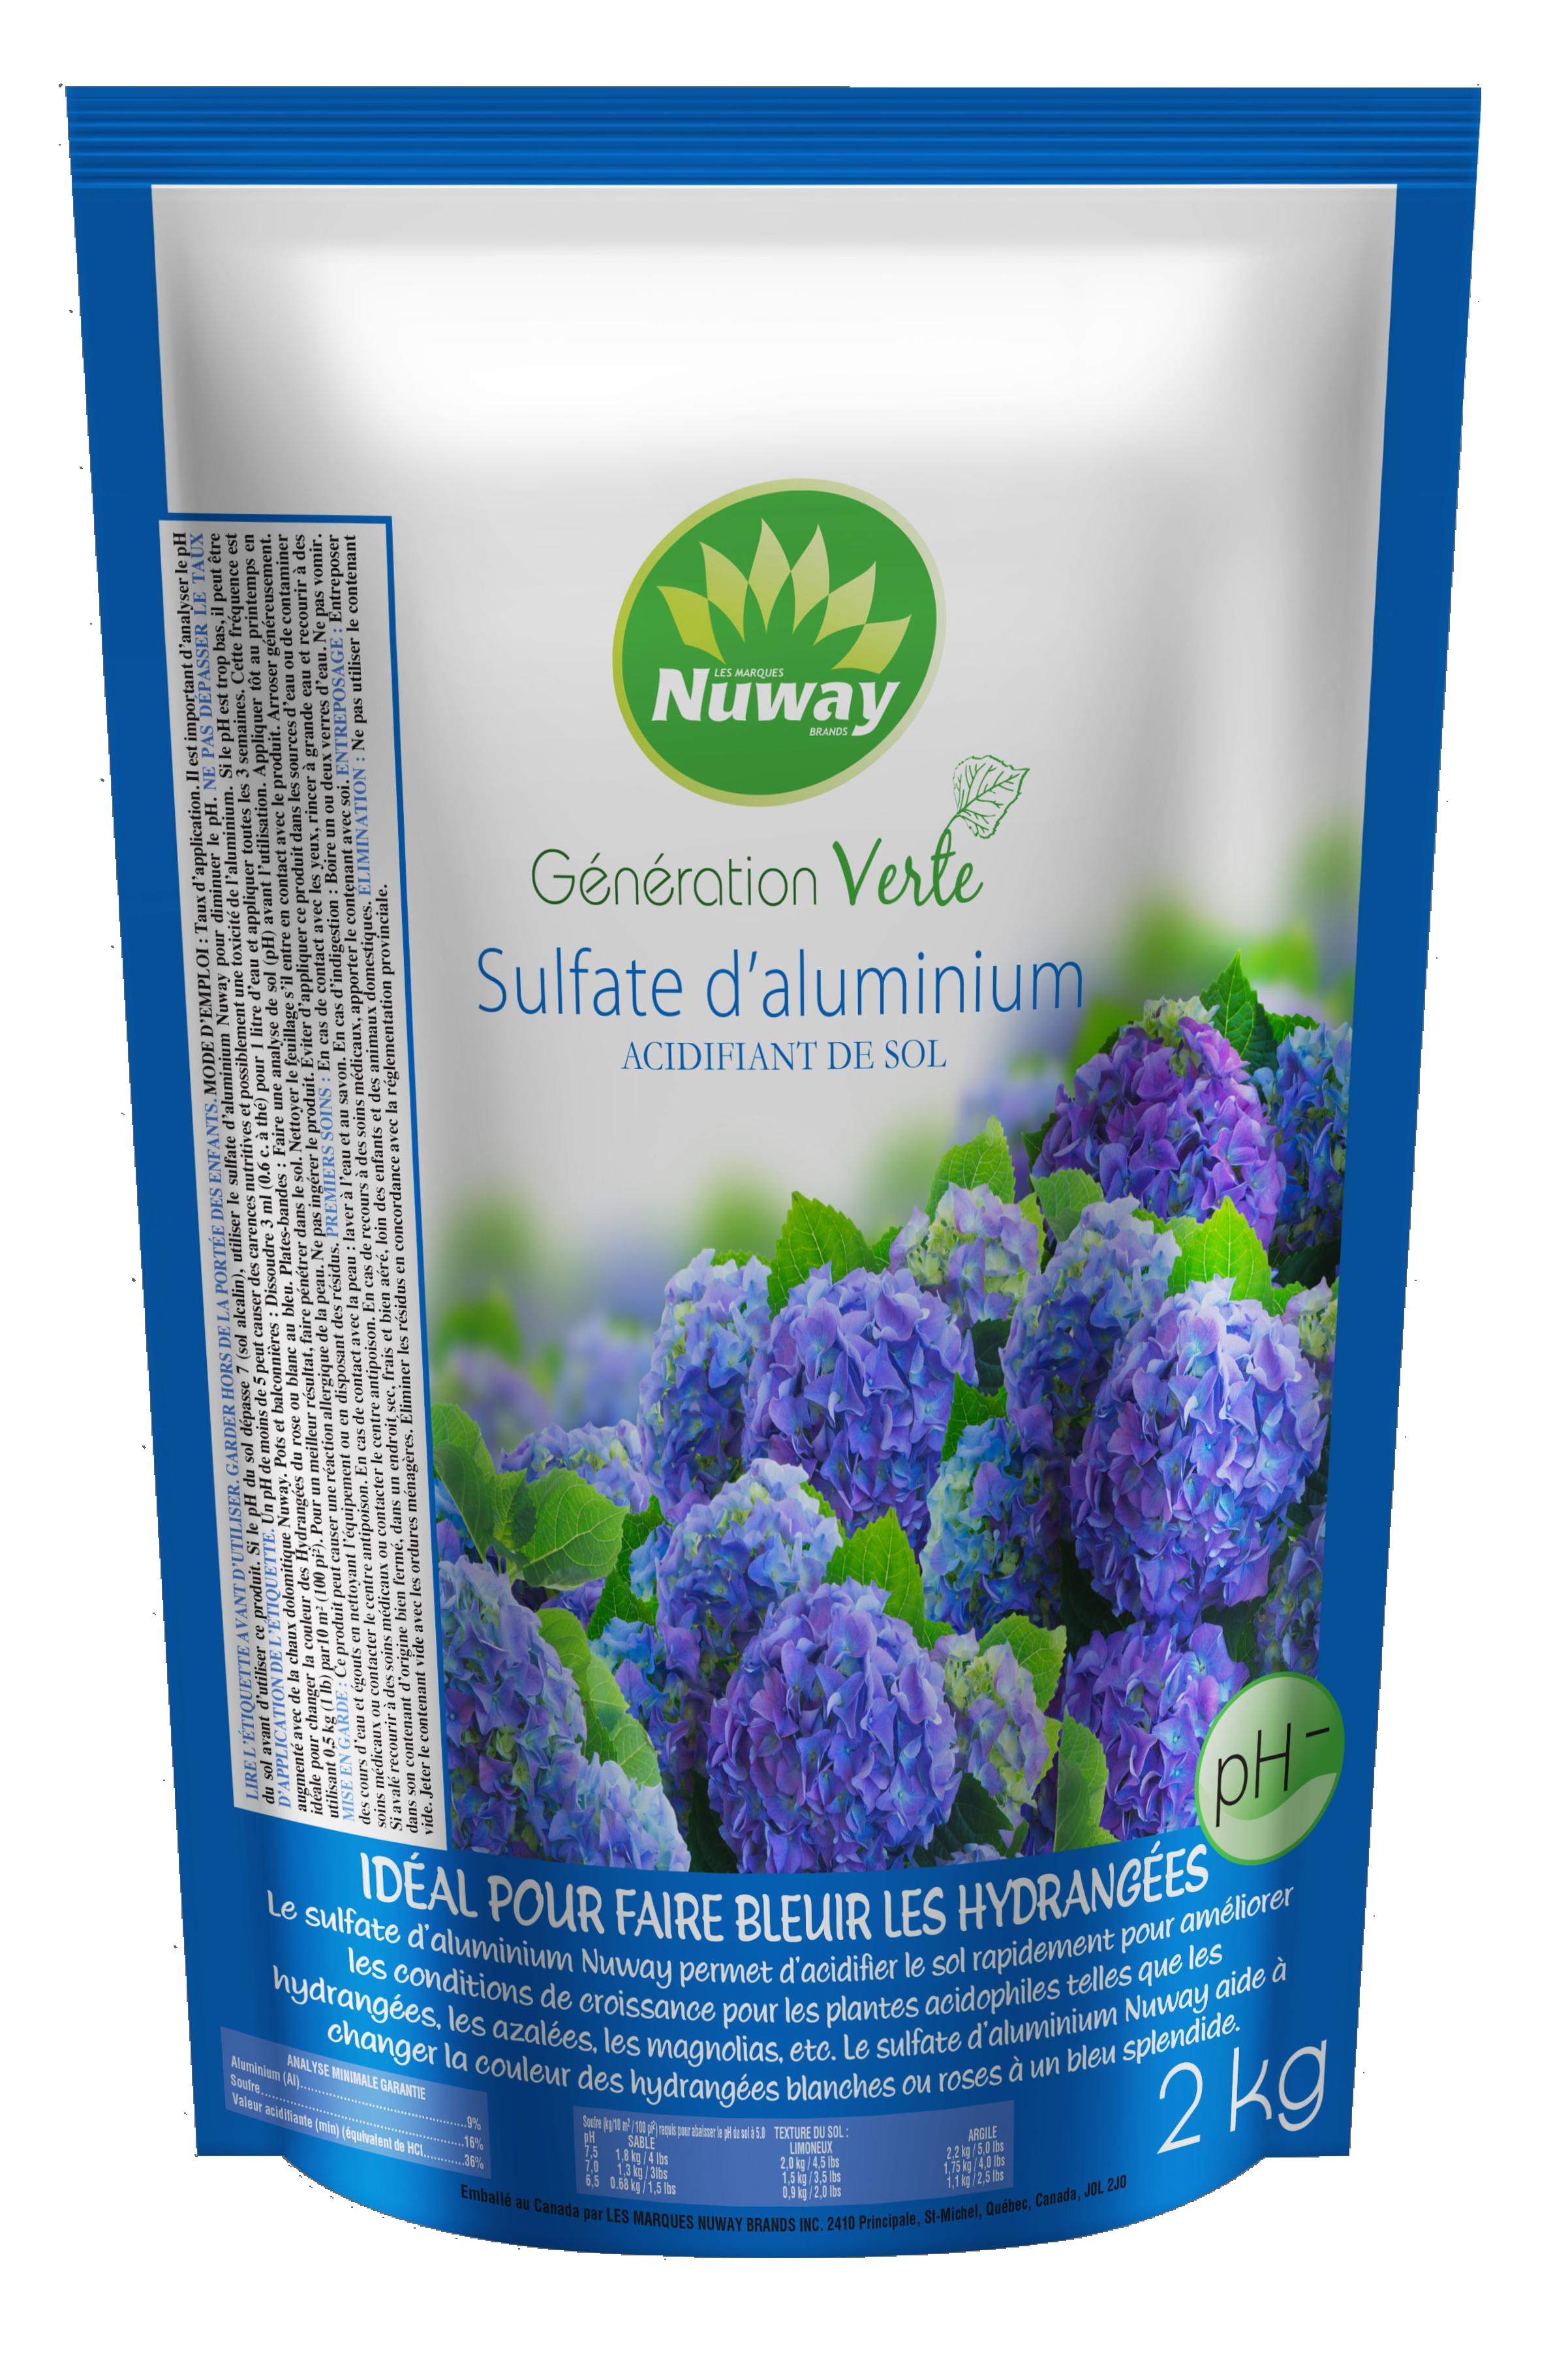 nuway_sulphate-aluminium_v7_3d_2-copie